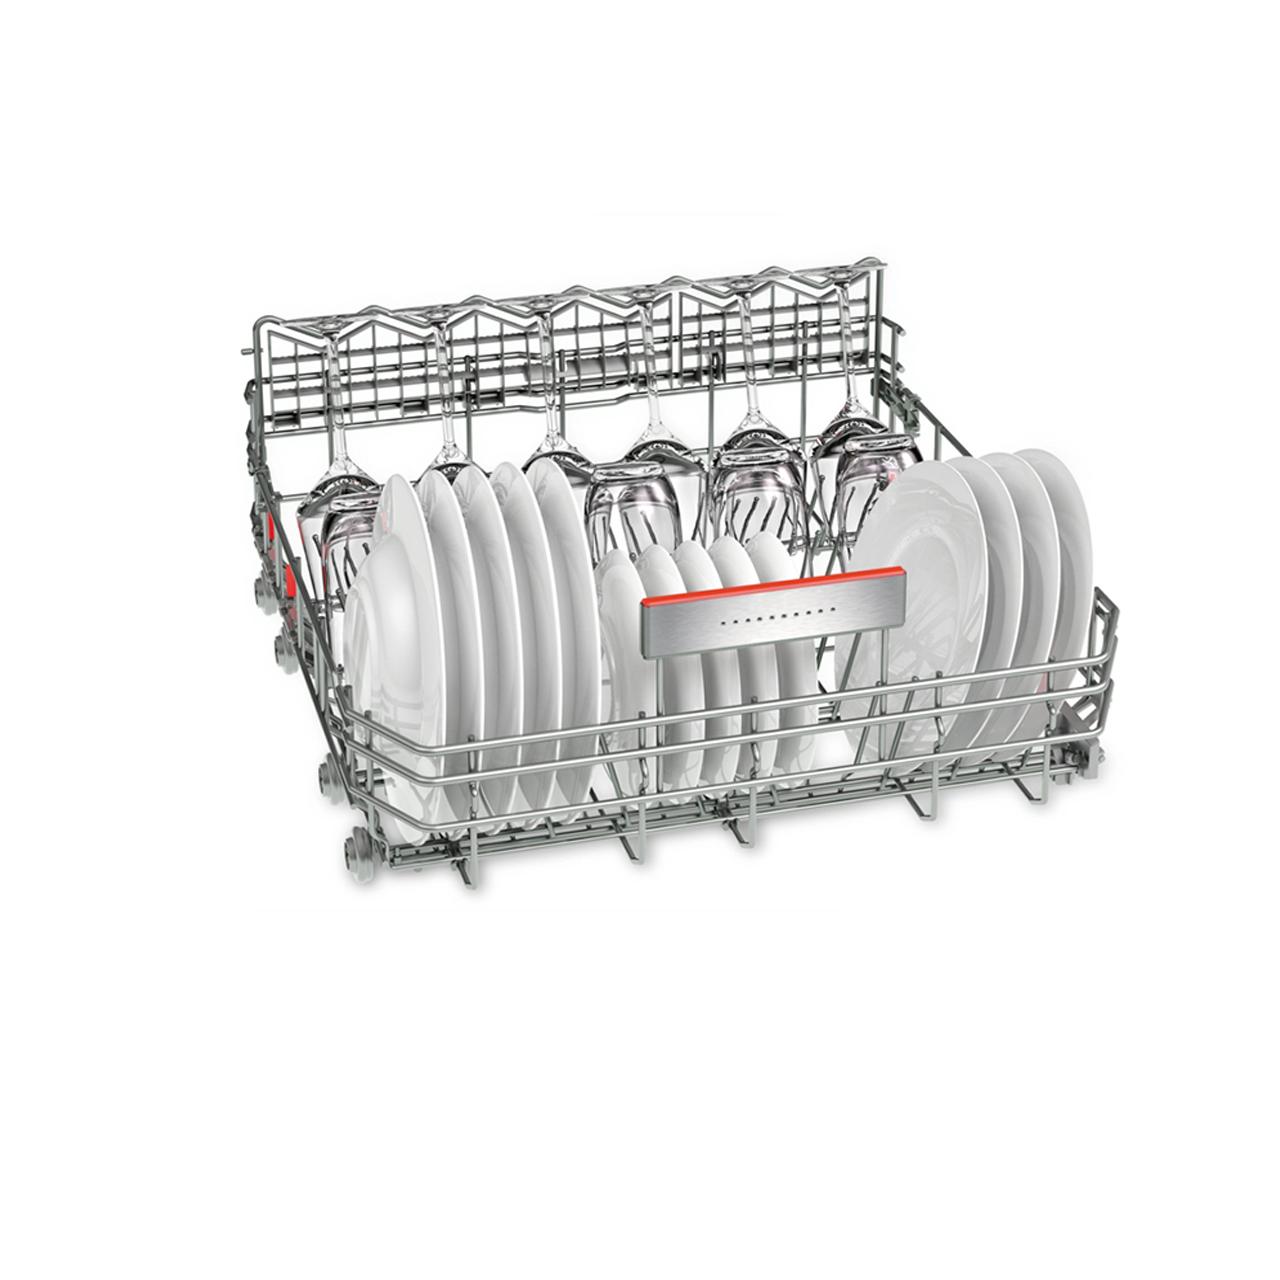 ماشین ظرفشویی بوش مدل SMS88TW01M